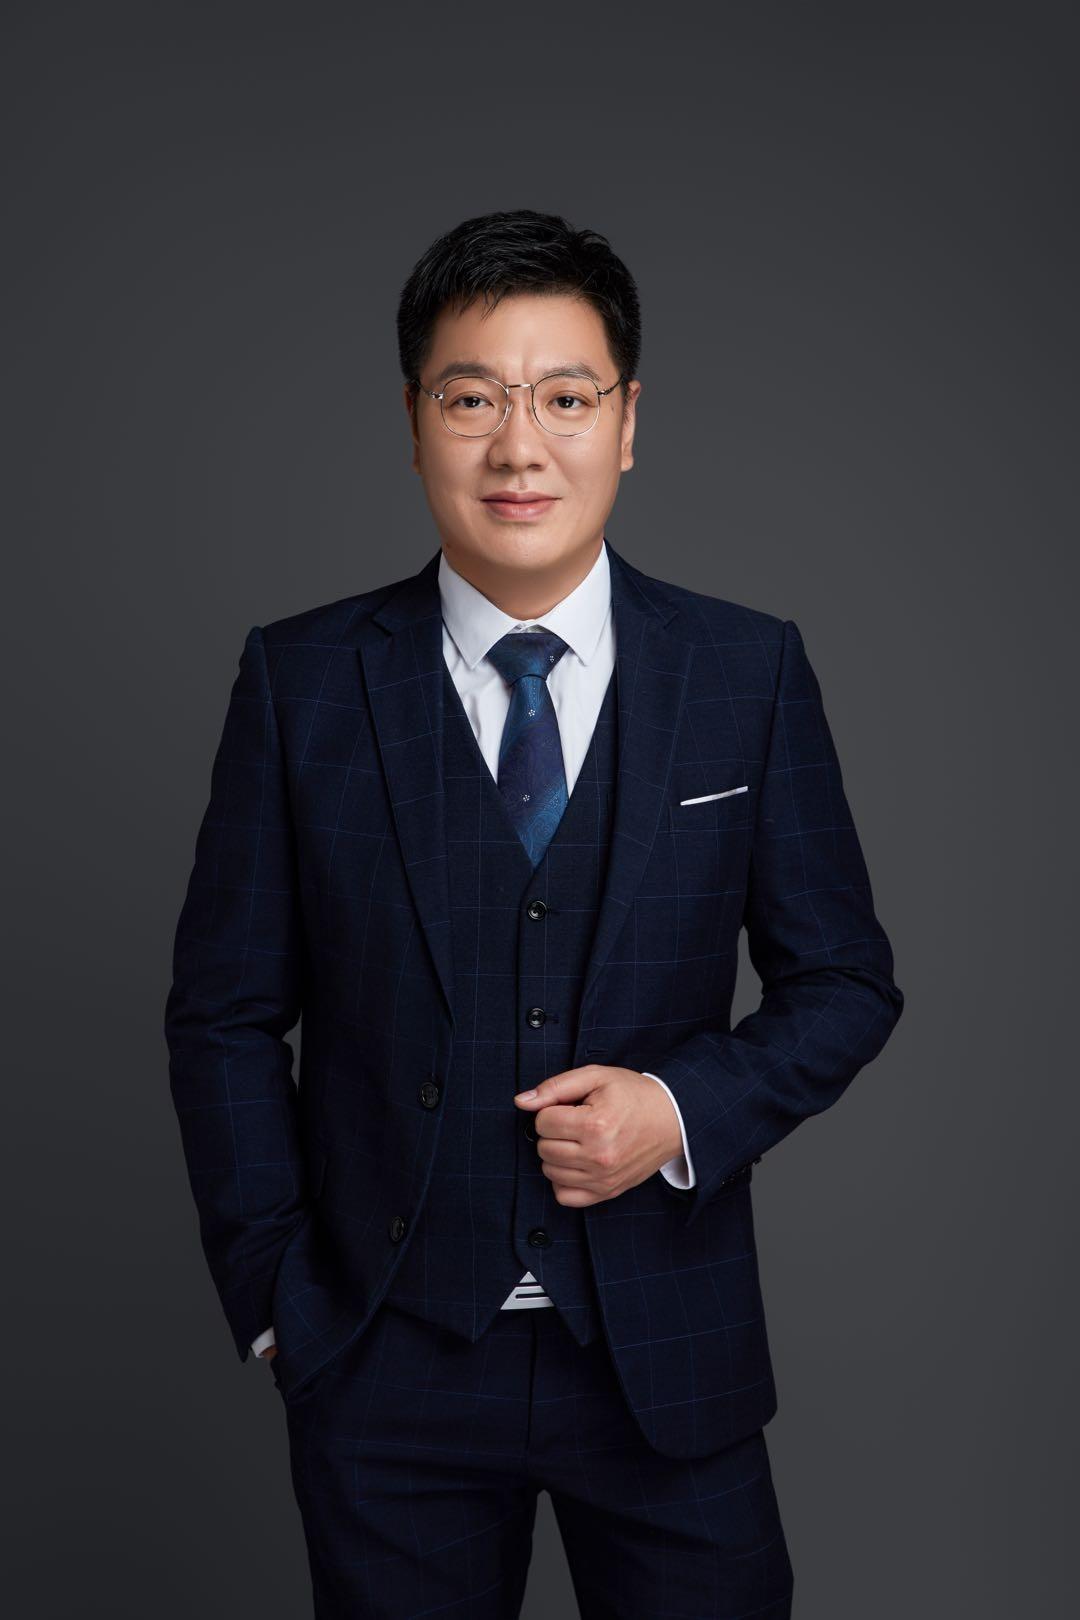 鸿坤亿润投资王焕:掉头转向文旅,并非开倒车